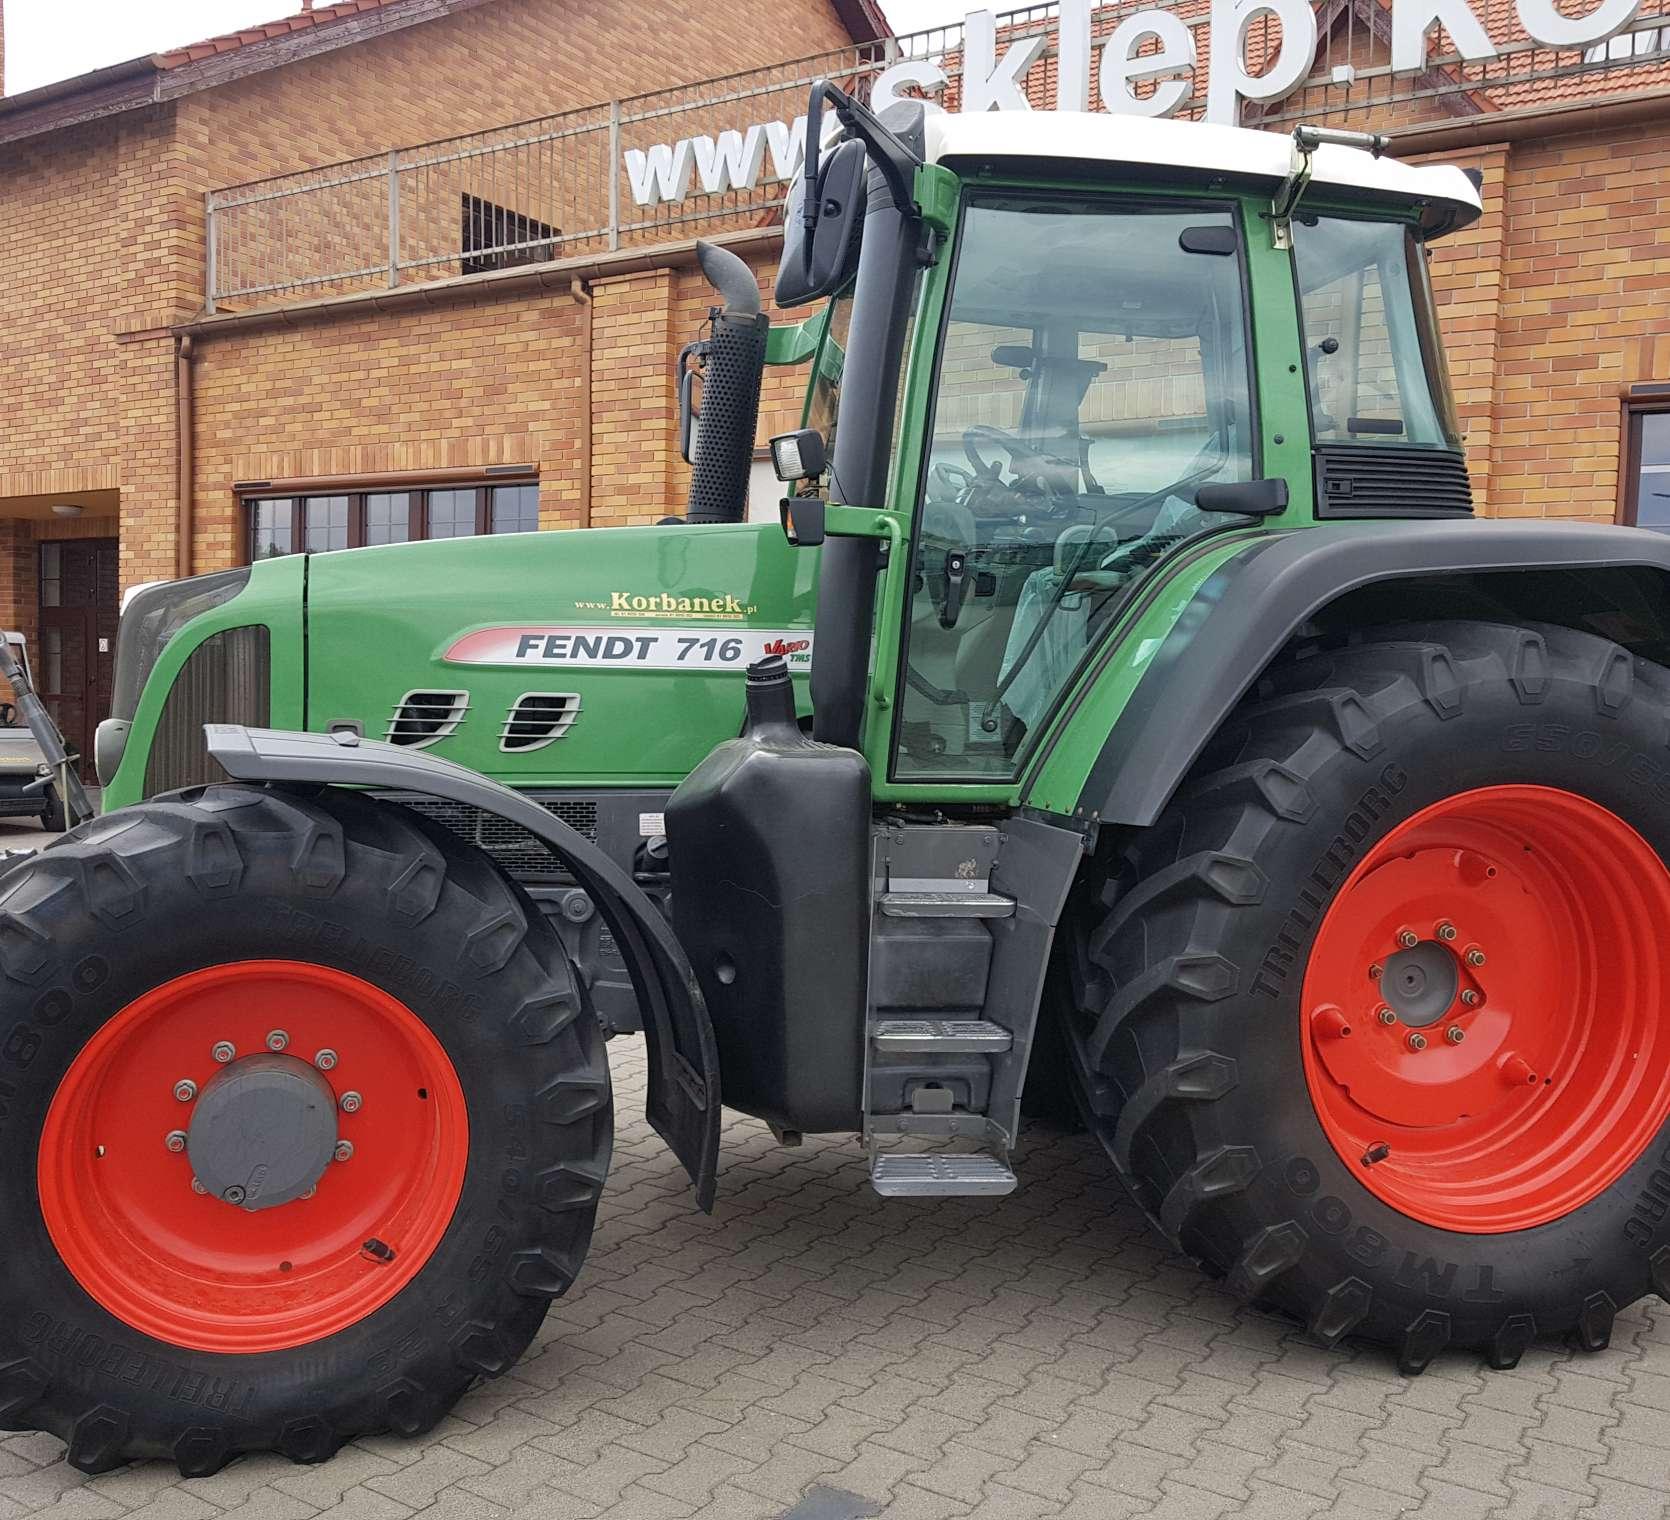 Traktor Fendt 716 Vario ujęcie z boku od korbanek.pl